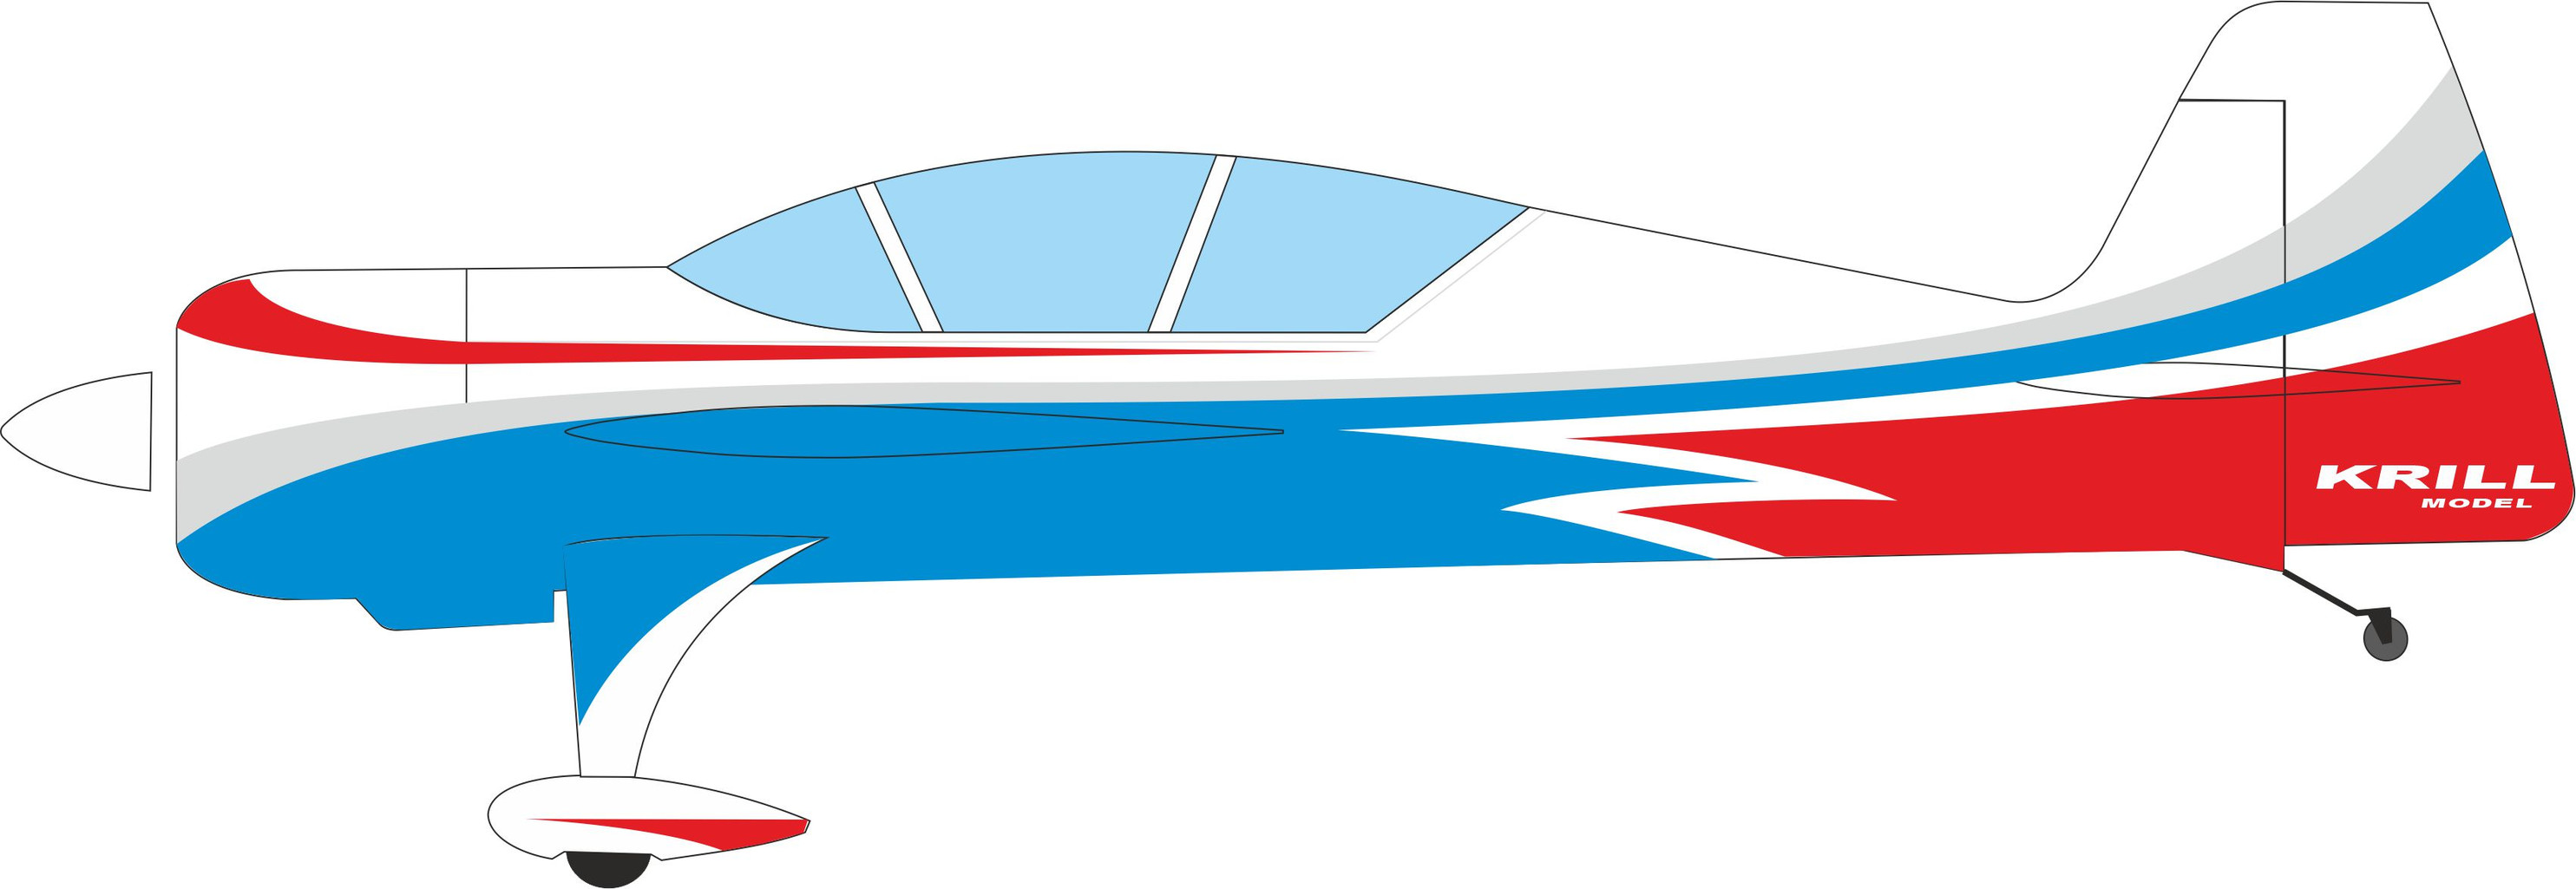 SU-29 SEBA RB